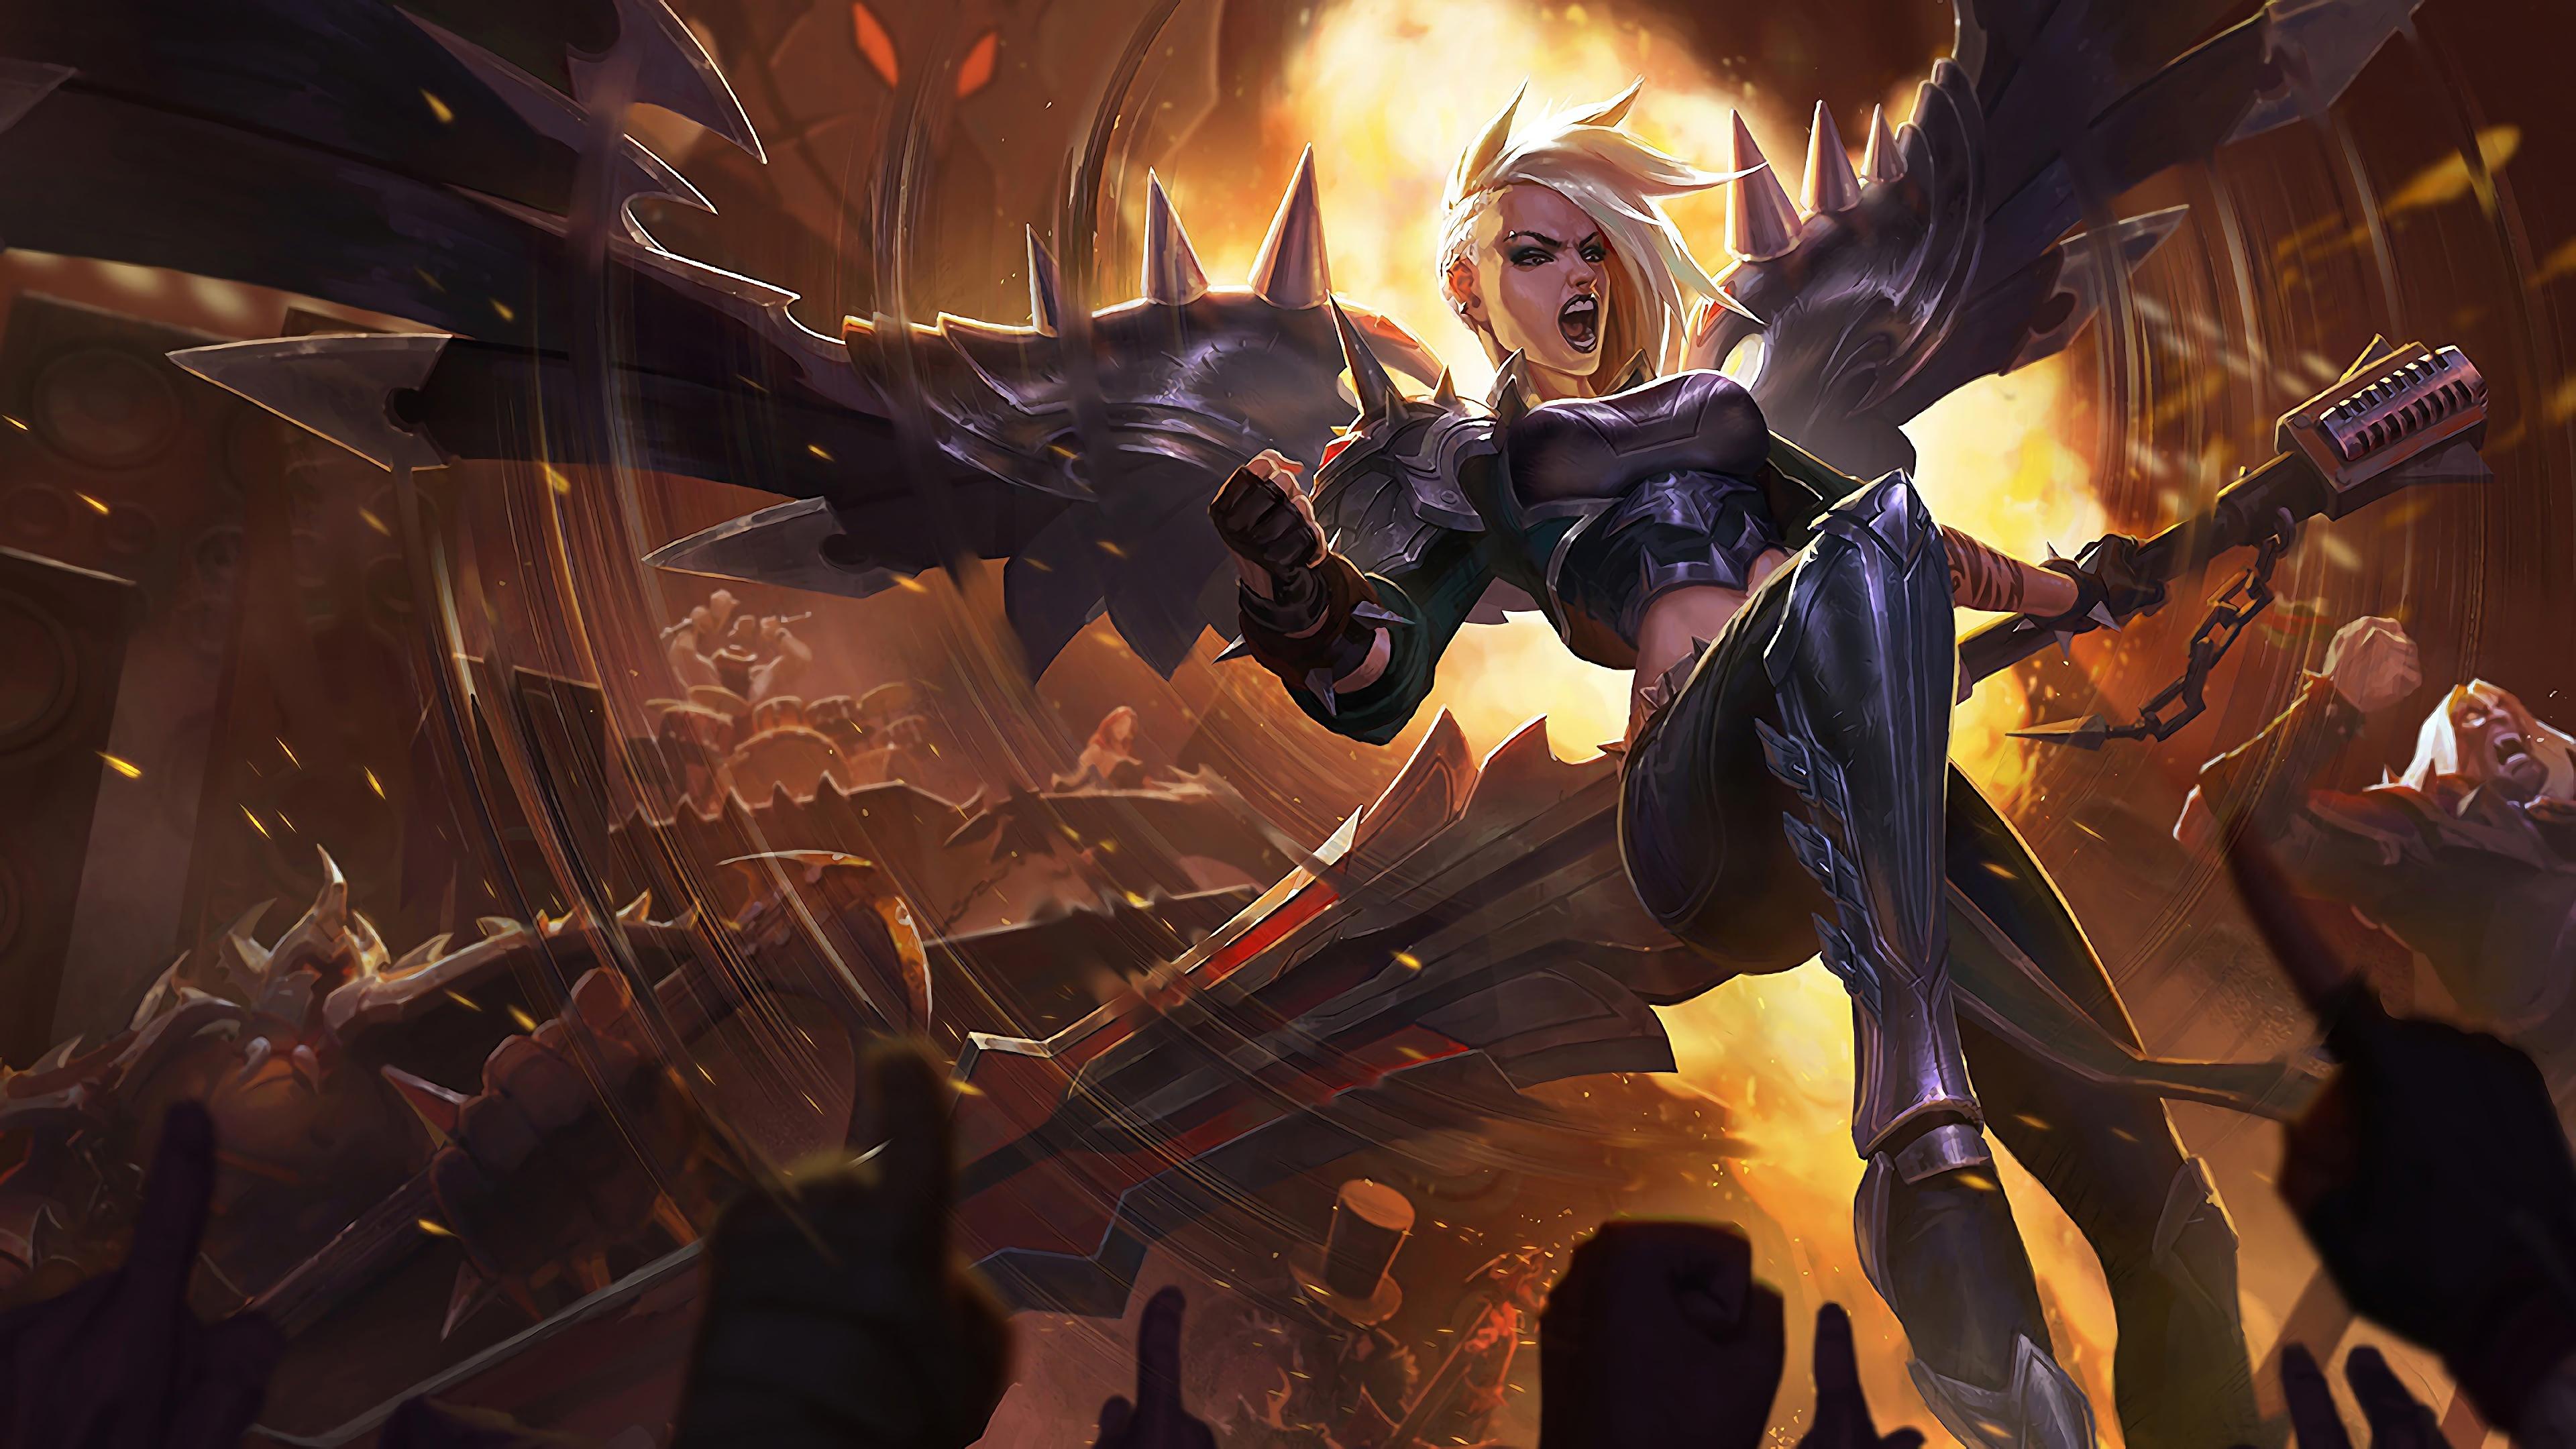 pentakill kayle lol splash art league of legends 1574099524 - Pentakill Kayle LoL Splash Art League of Legends - league of legends, Kayle